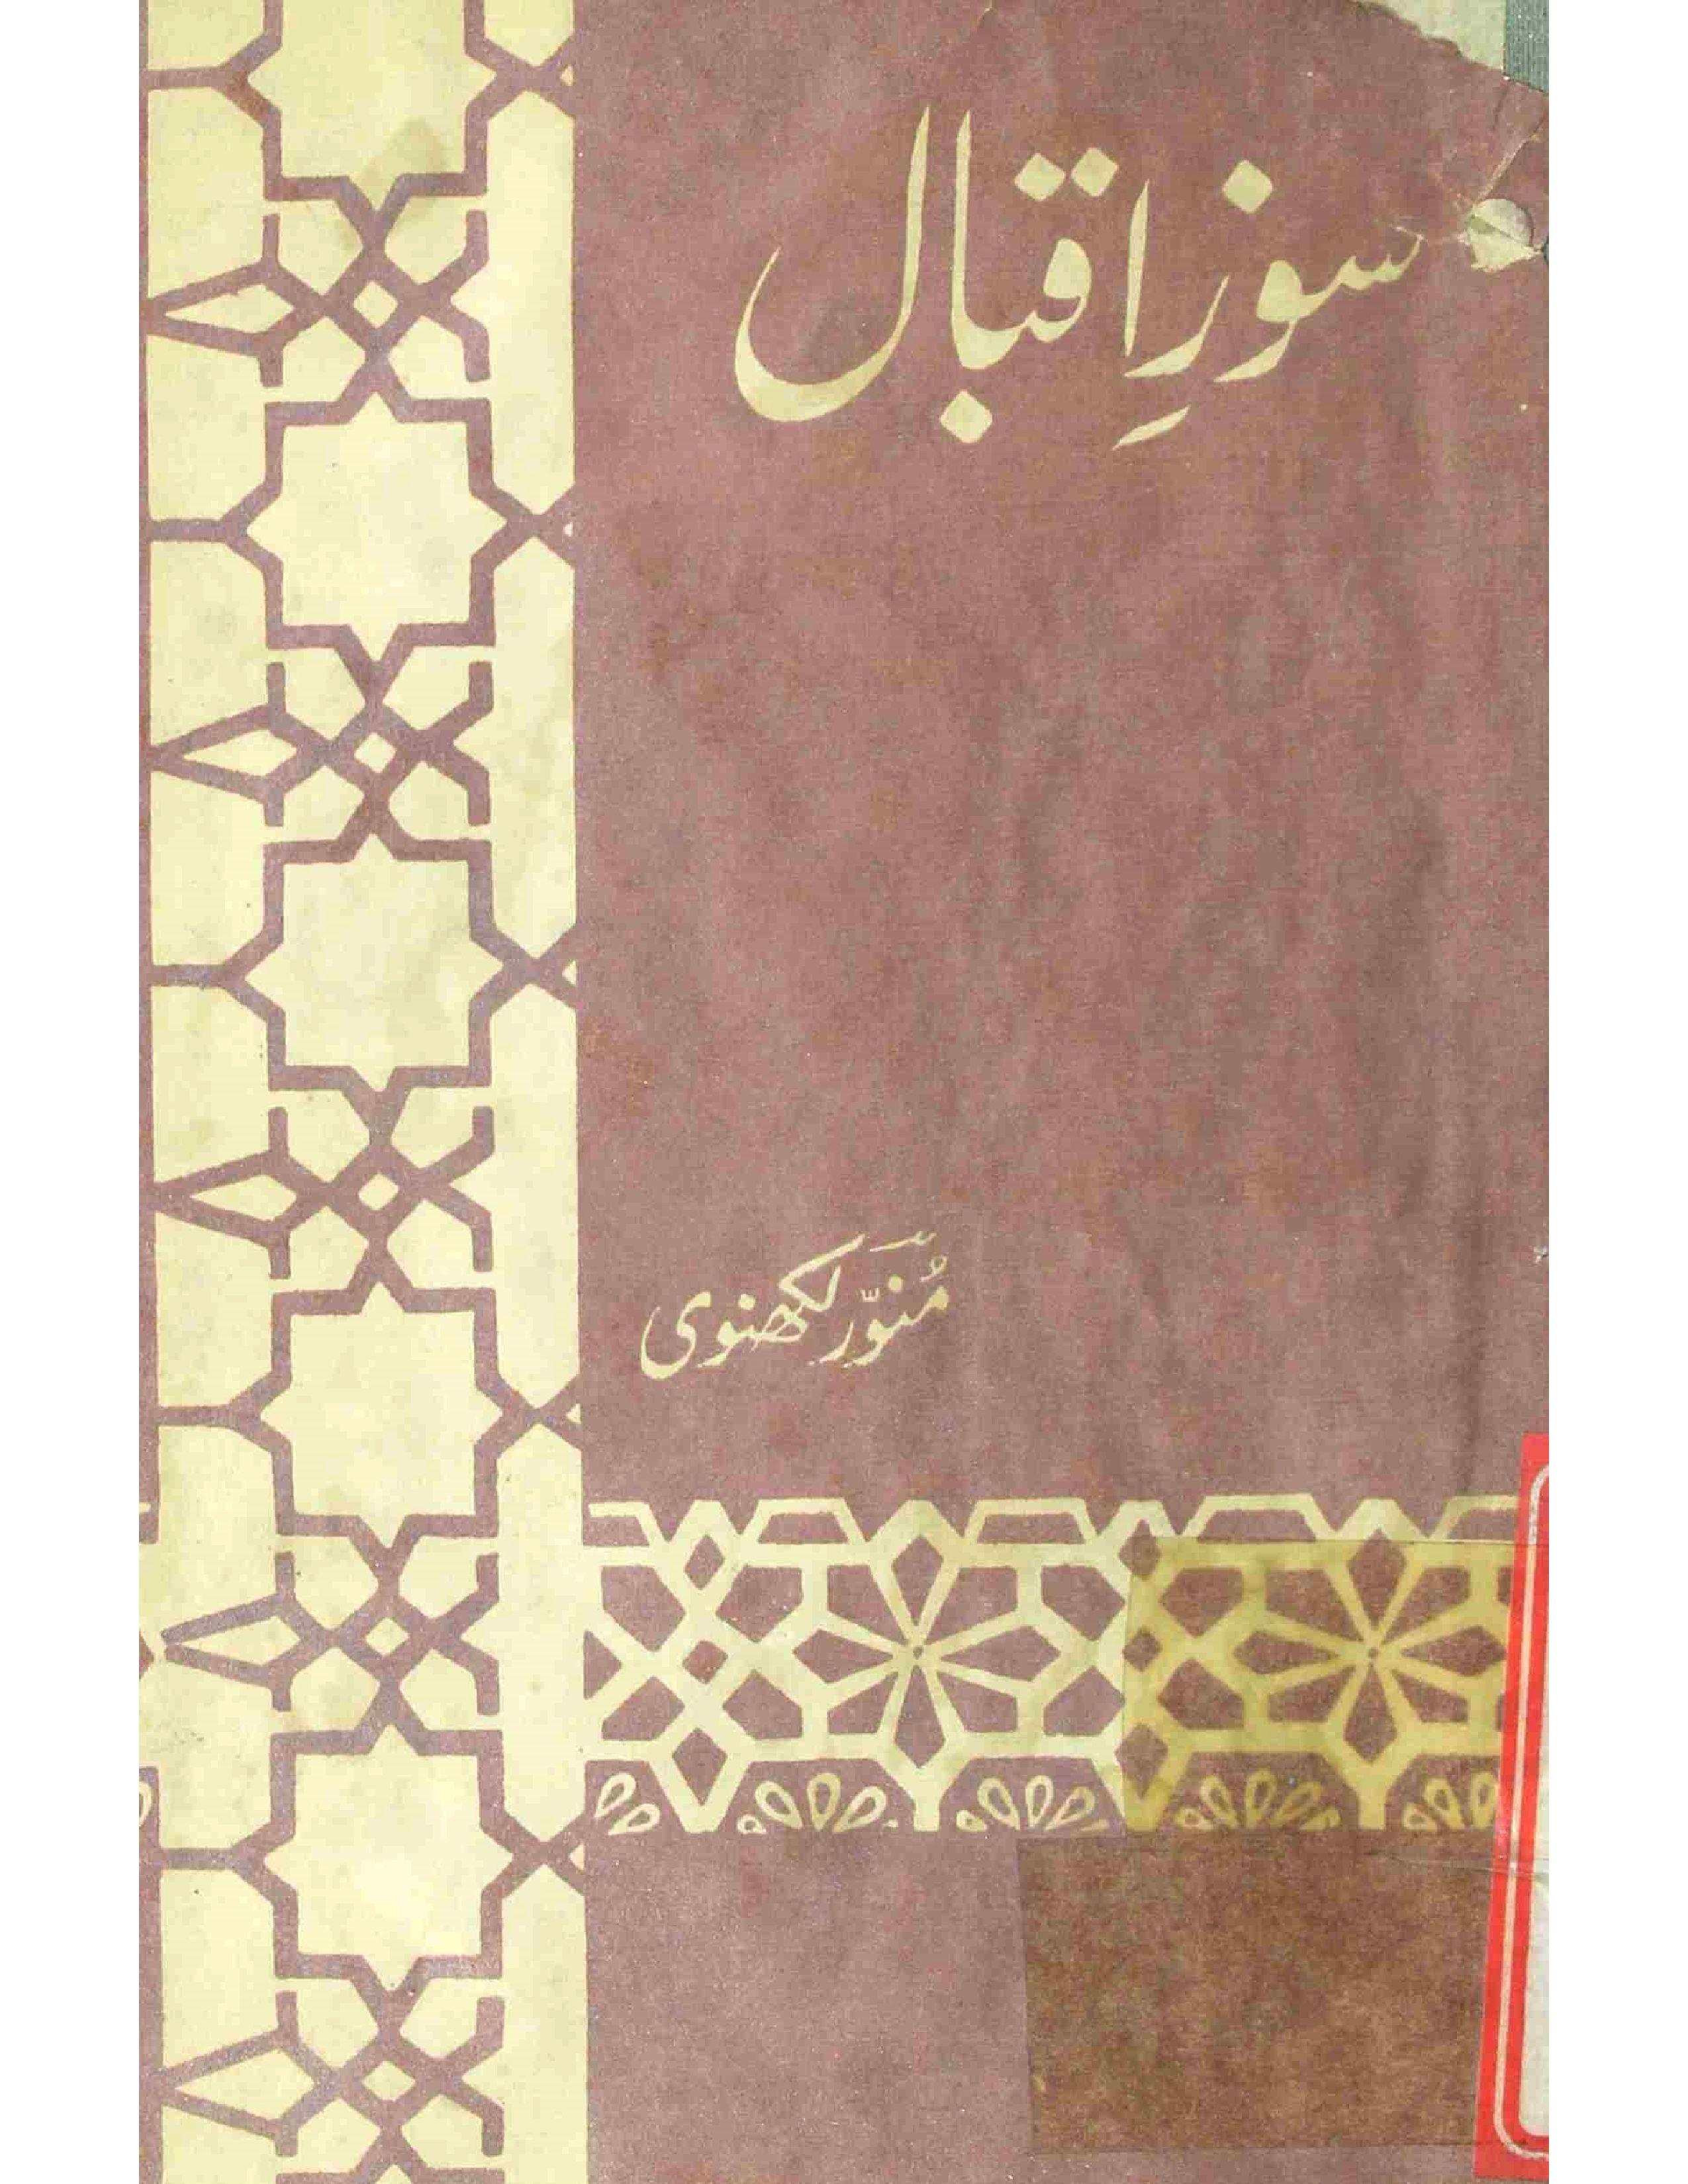 Soz-e-Iqbal